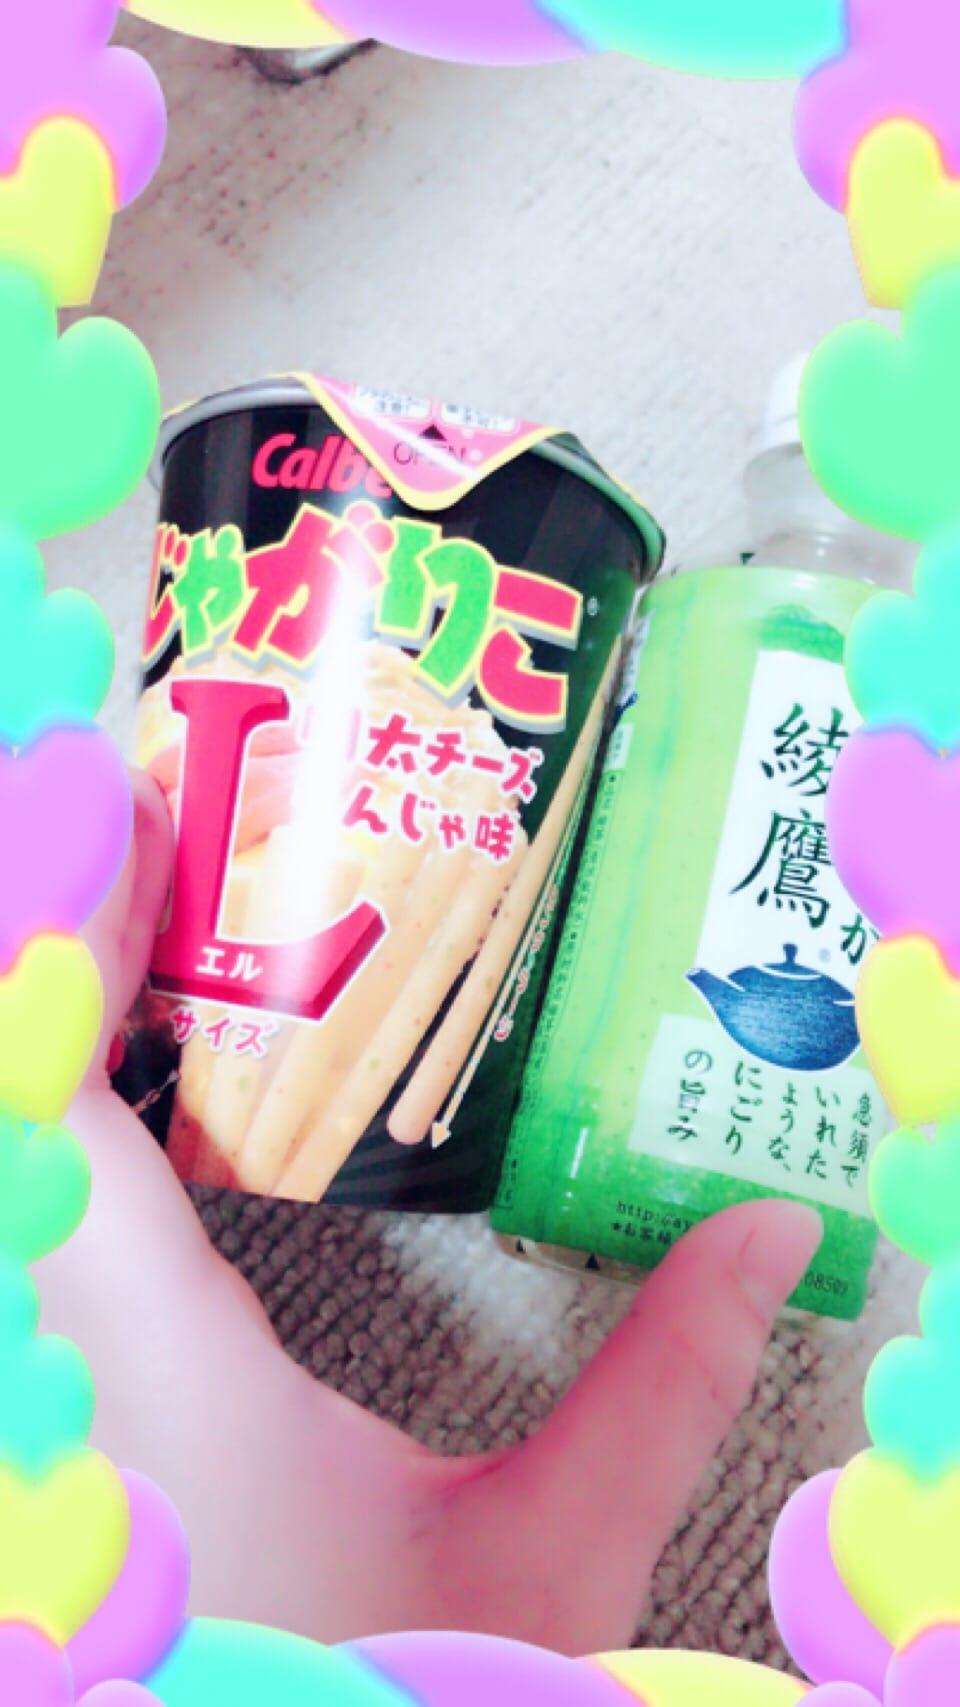 「ありがとう〜!」03/11(03/11) 00:59 | れなの写メ・風俗動画